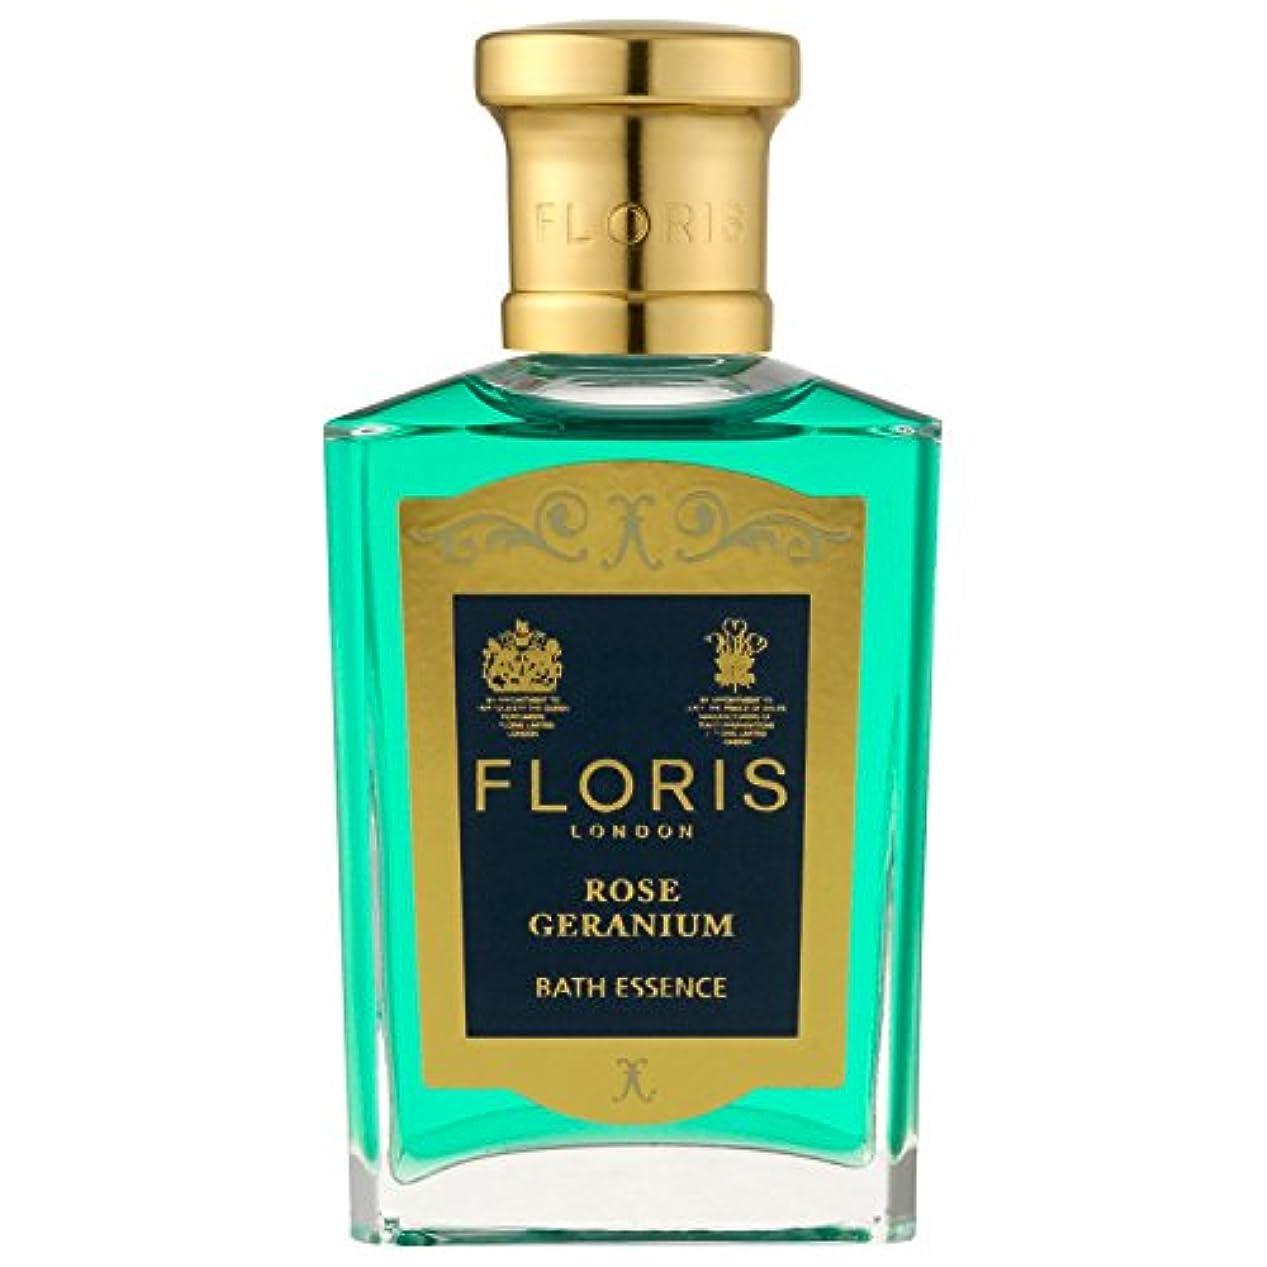 マニアチャンピオンシップこれら[Floris] フロリスは、ゼラニウムバスエッセンス50ミリリットルをバラ - Floris Rose Geranium Bath Essence 50ml [並行輸入品]